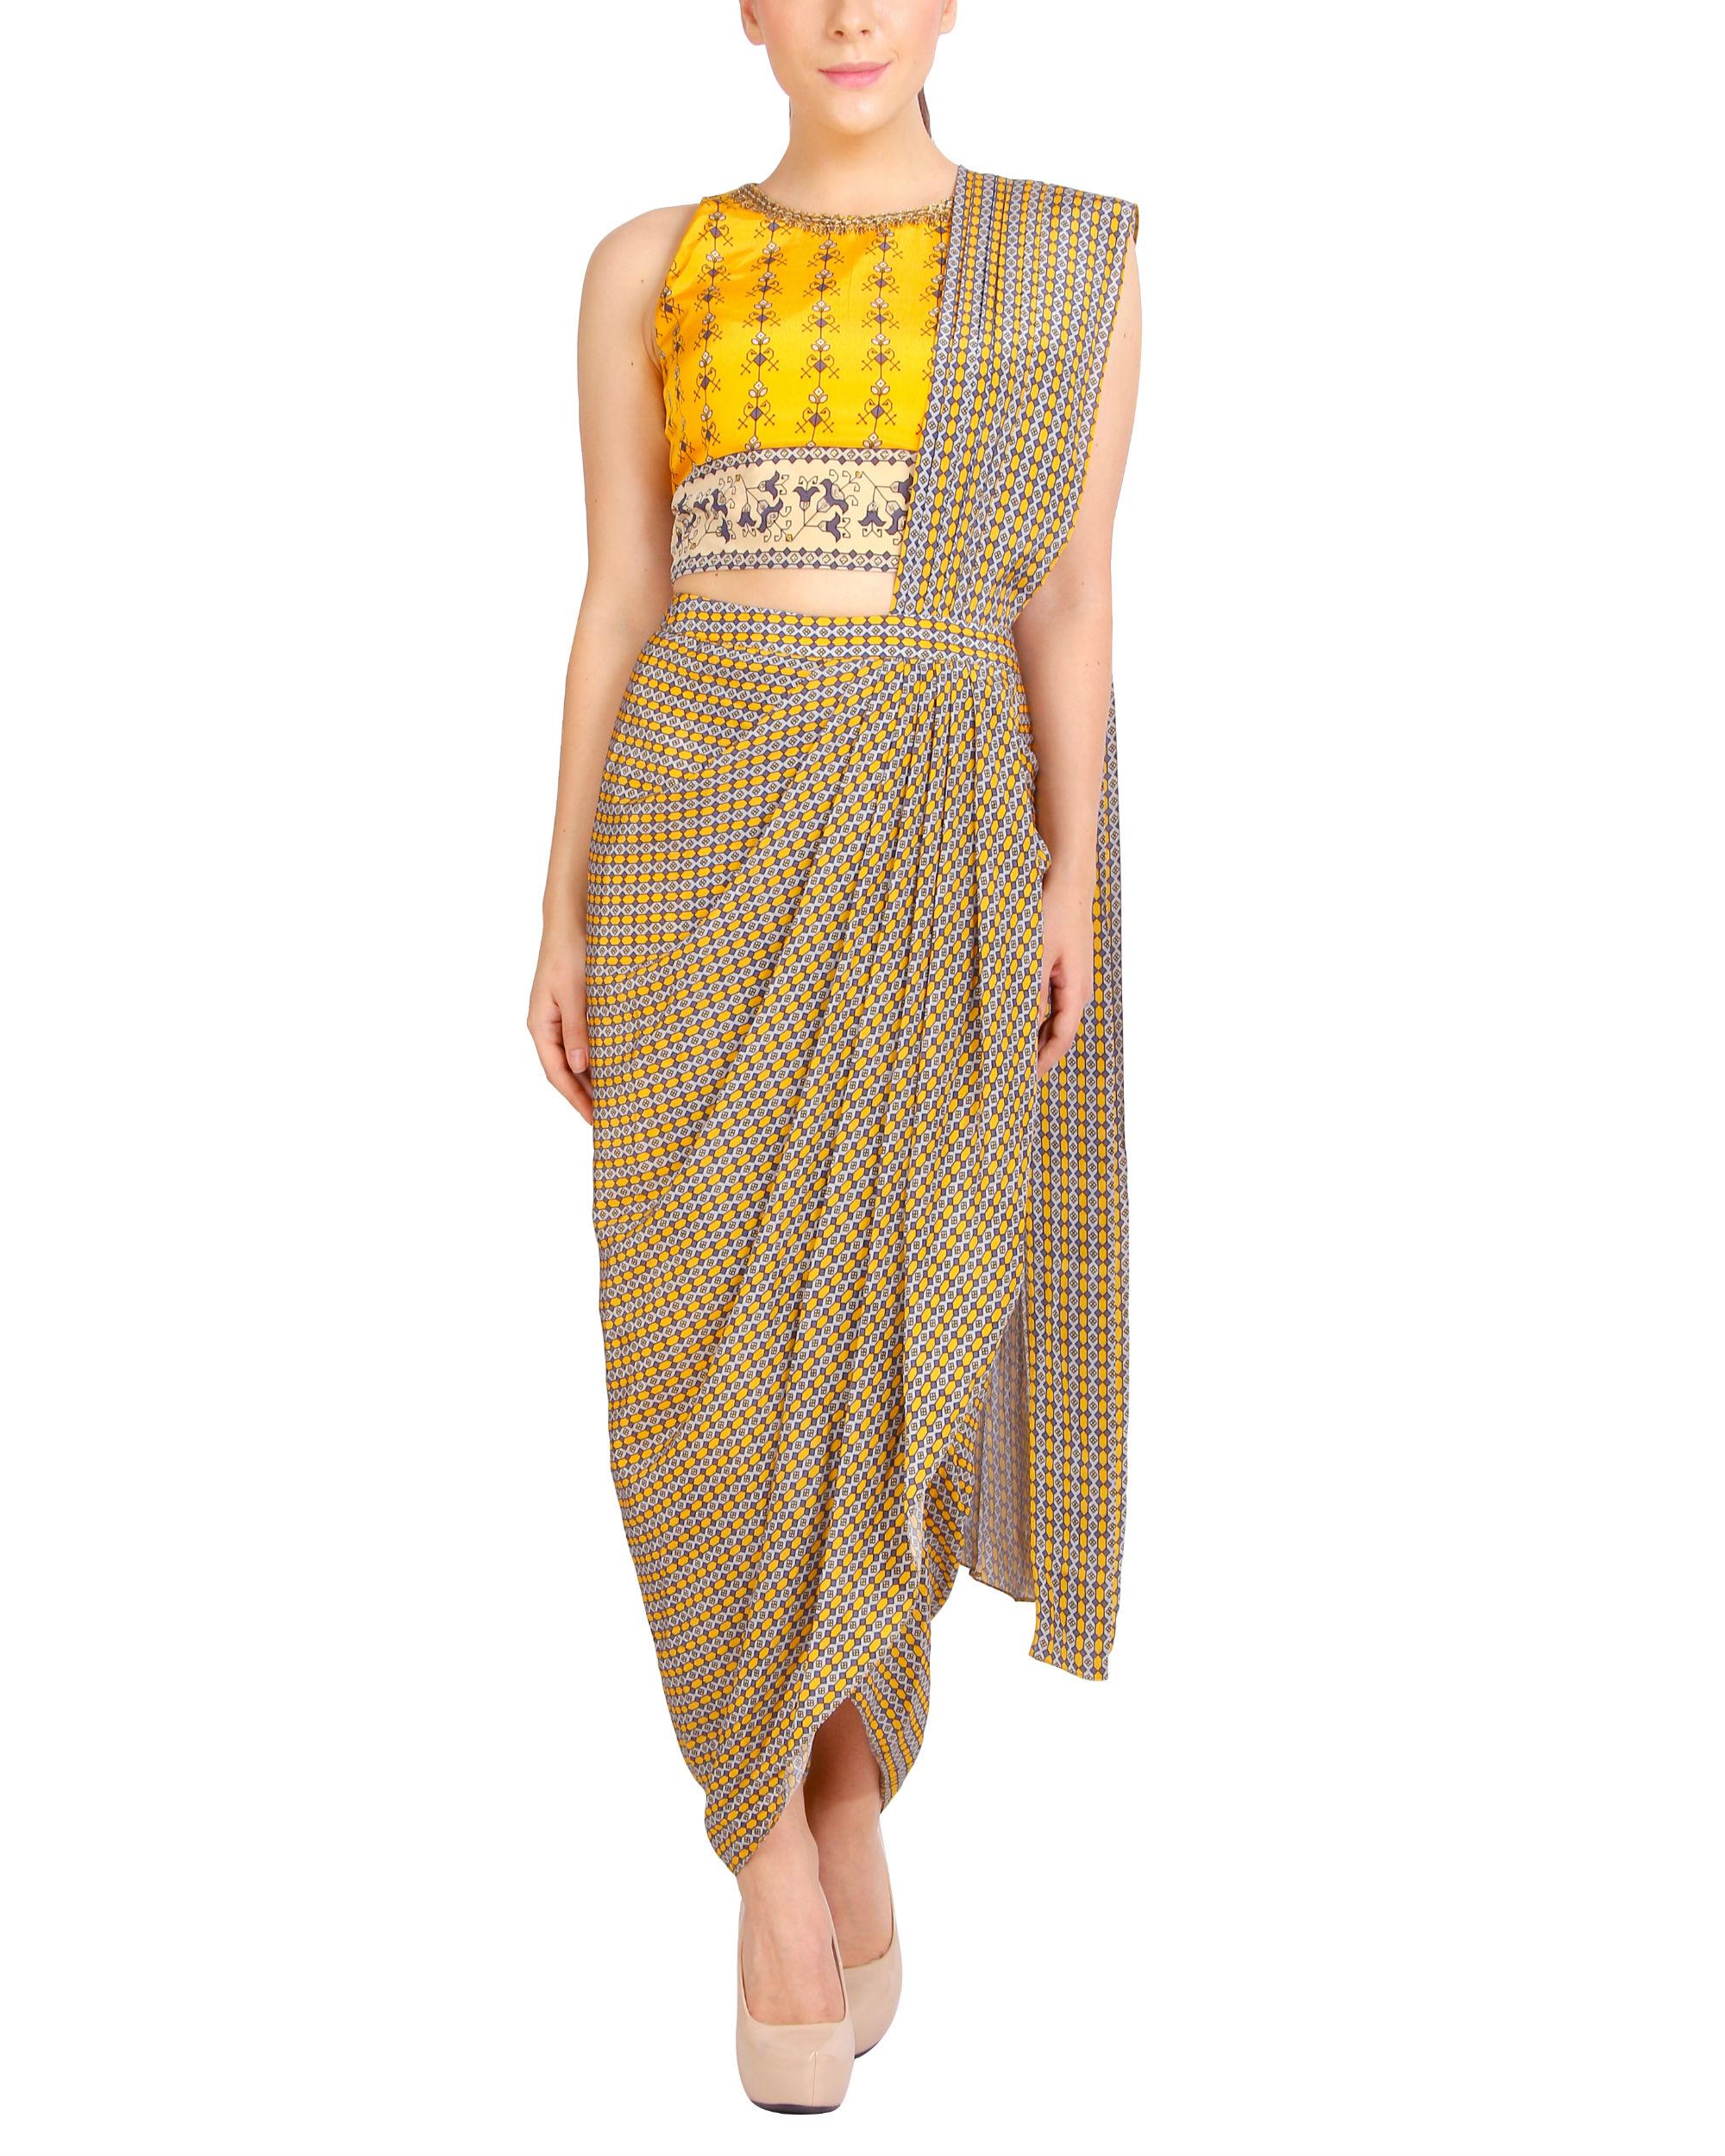 Printed yellow draped sari